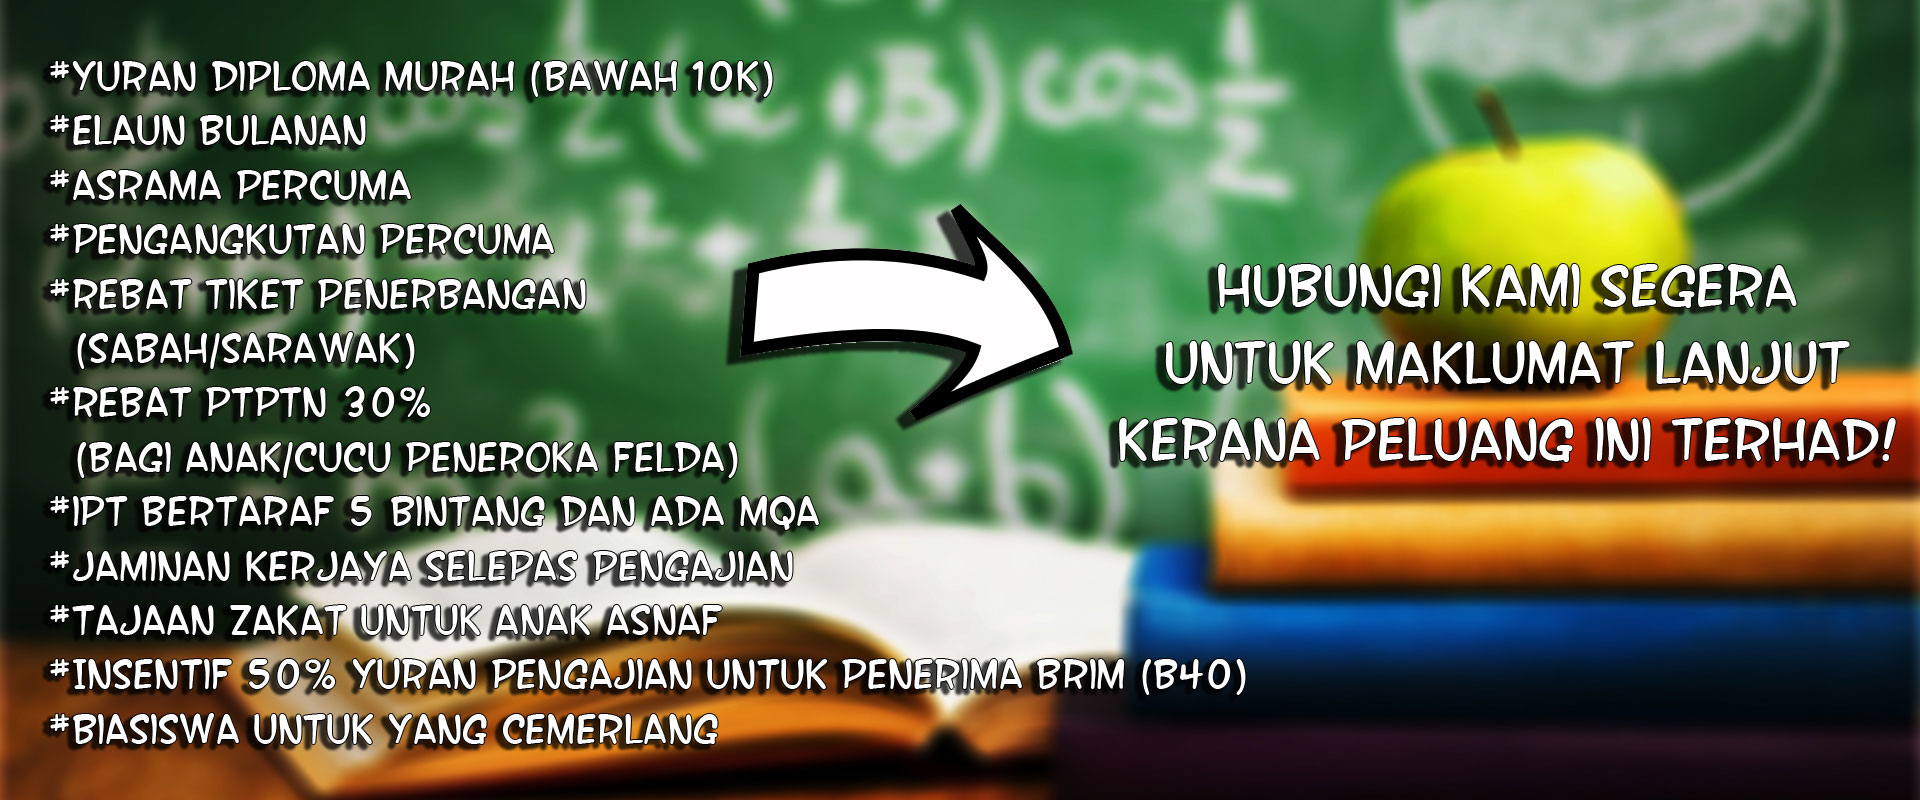 Daftar Ipt: President College menawarkan diploma termurah di Malaysia